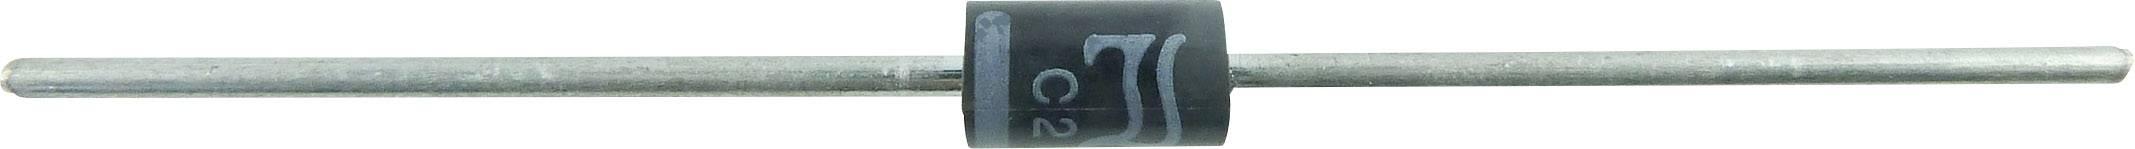 Kremíková usmerňovacia dióda Diotec 1N5400 1N5400 DO-201, 3 A, 50 V